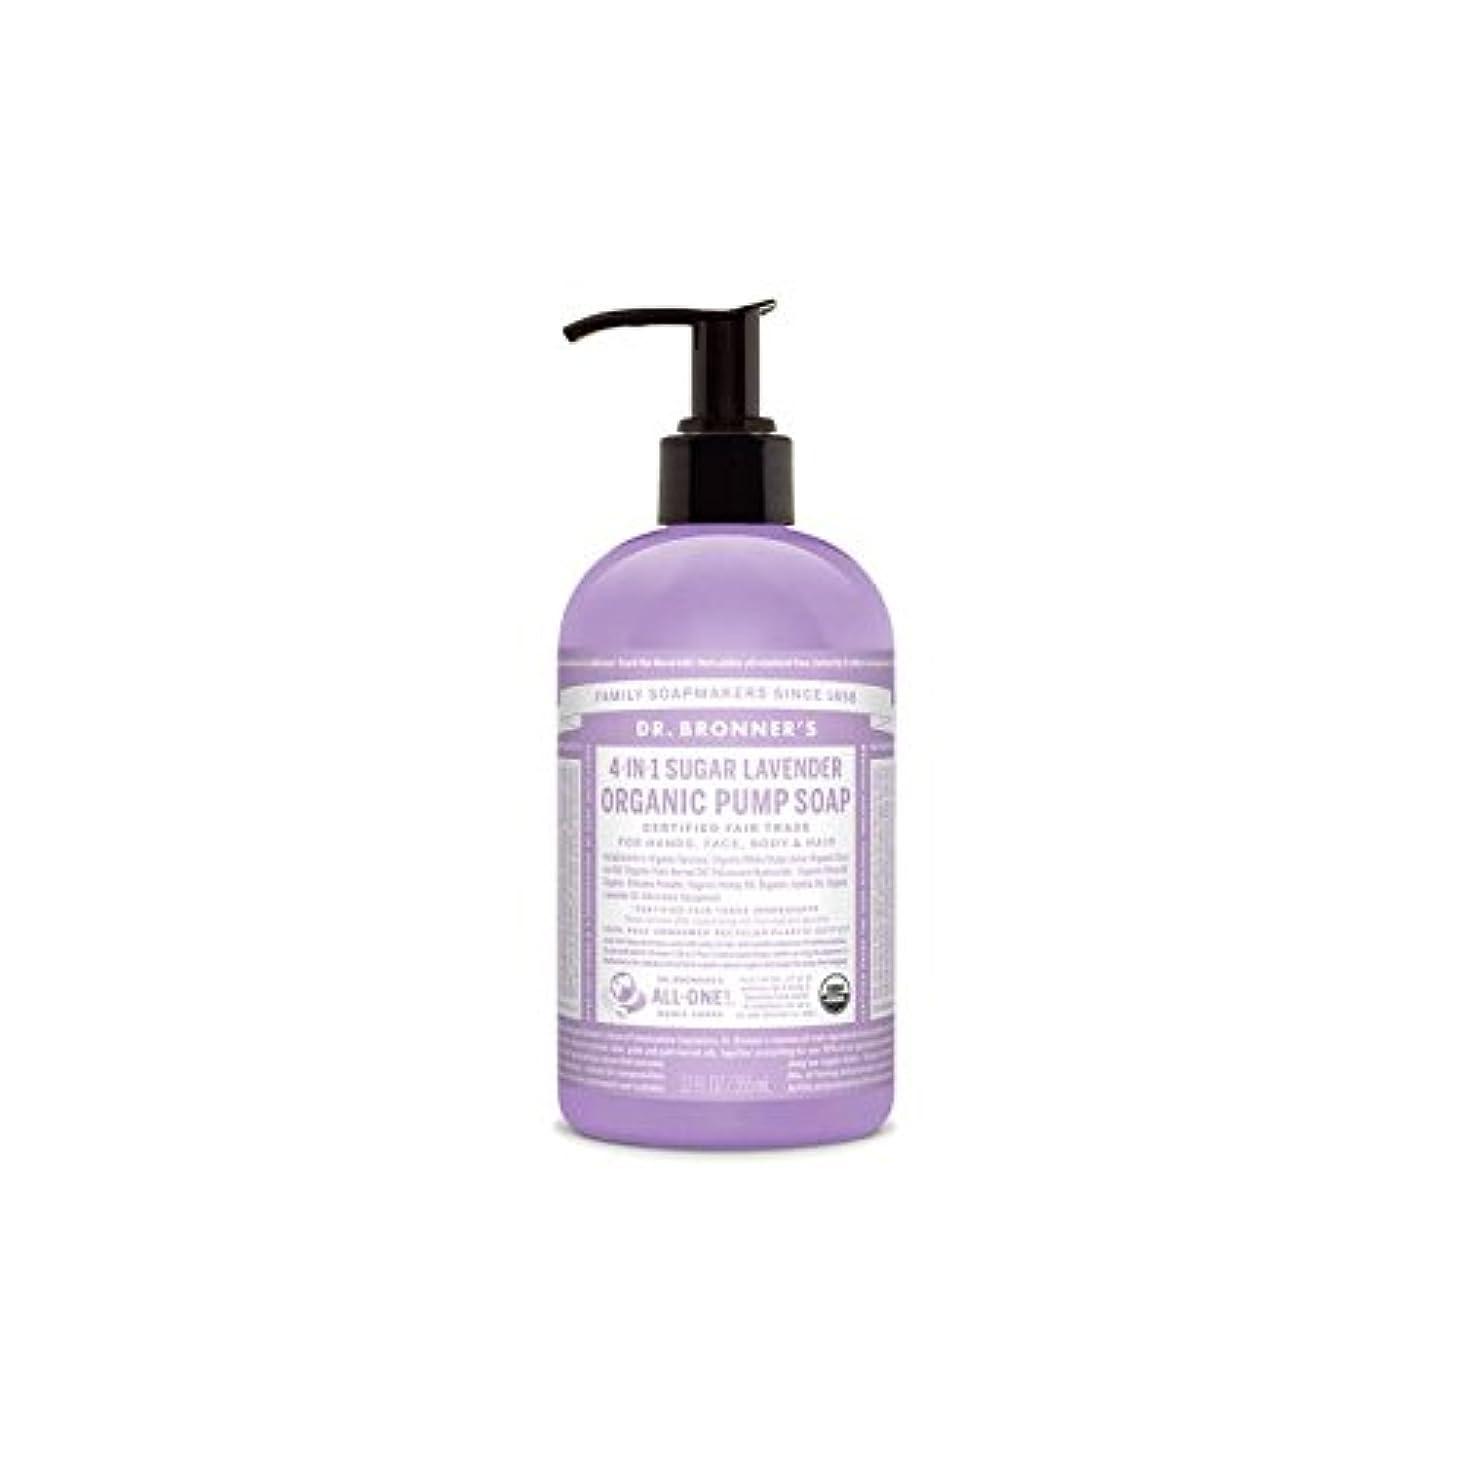 粘着性ヘッドレス牛ブロナー有機ラベンダーハンドソープ(355ミリリットル) x4 - Dr. Bronner Organic Shikakai Lavender Hand Soap (355ml) (Pack of 4) [並行輸入品]